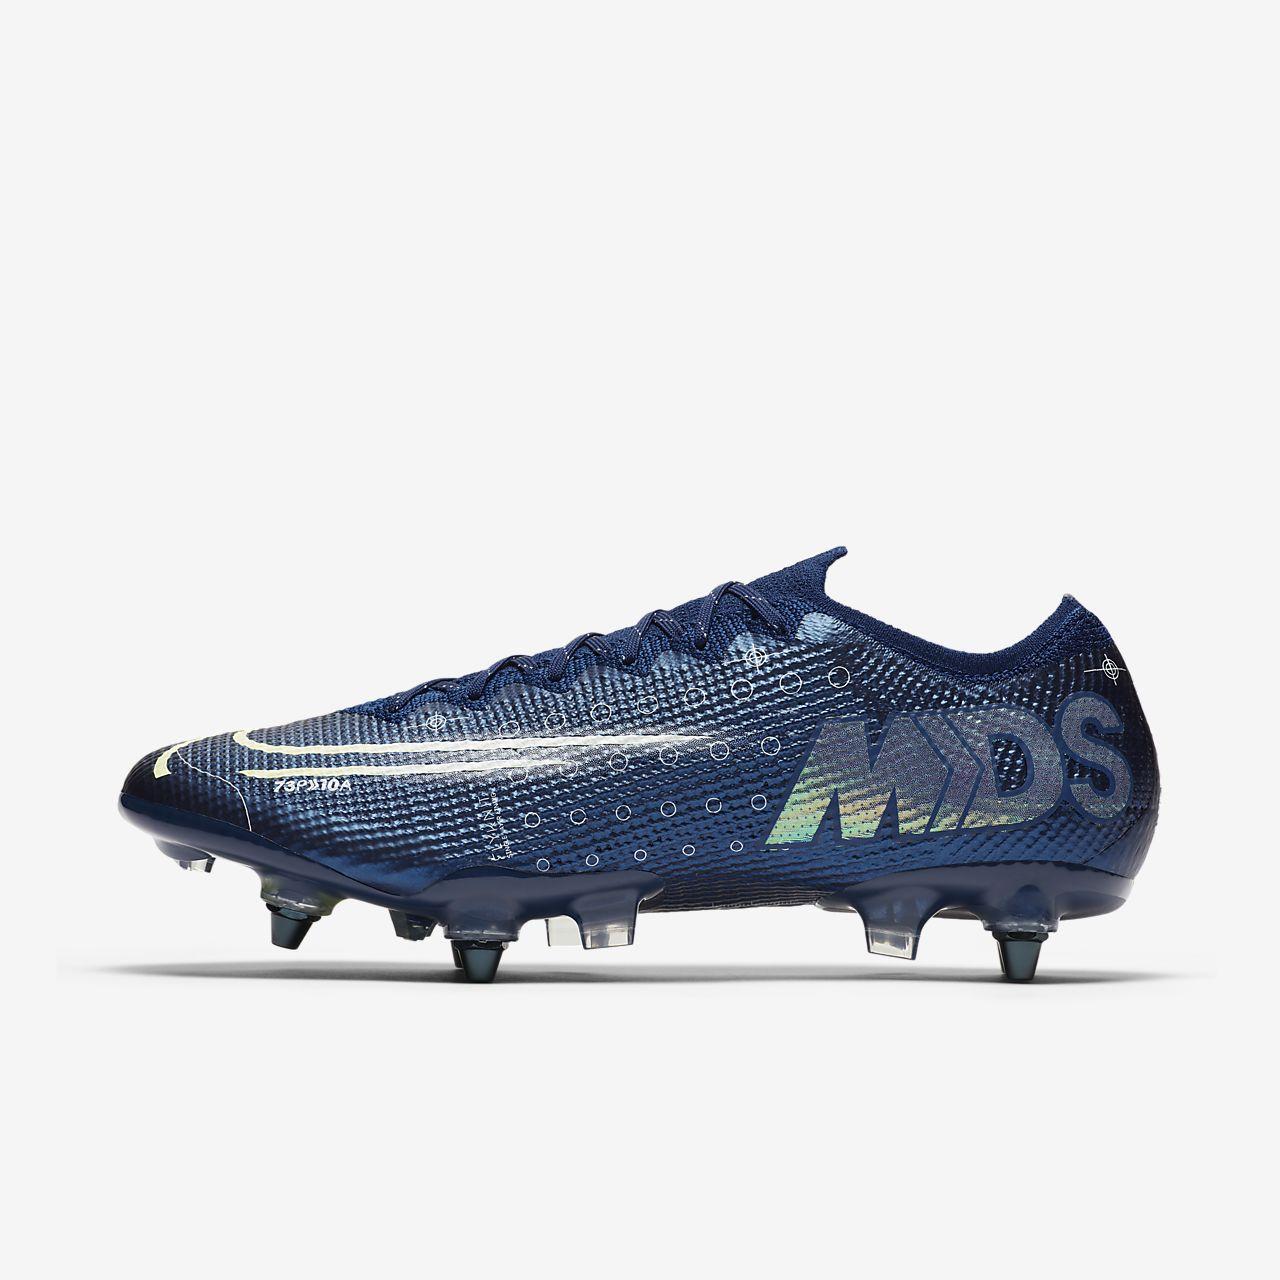 Scarpa da calcio per terreni morbidi Nike Mercurial Vapor 13 Elite MDS SG-PRO Anti-Clog Traction